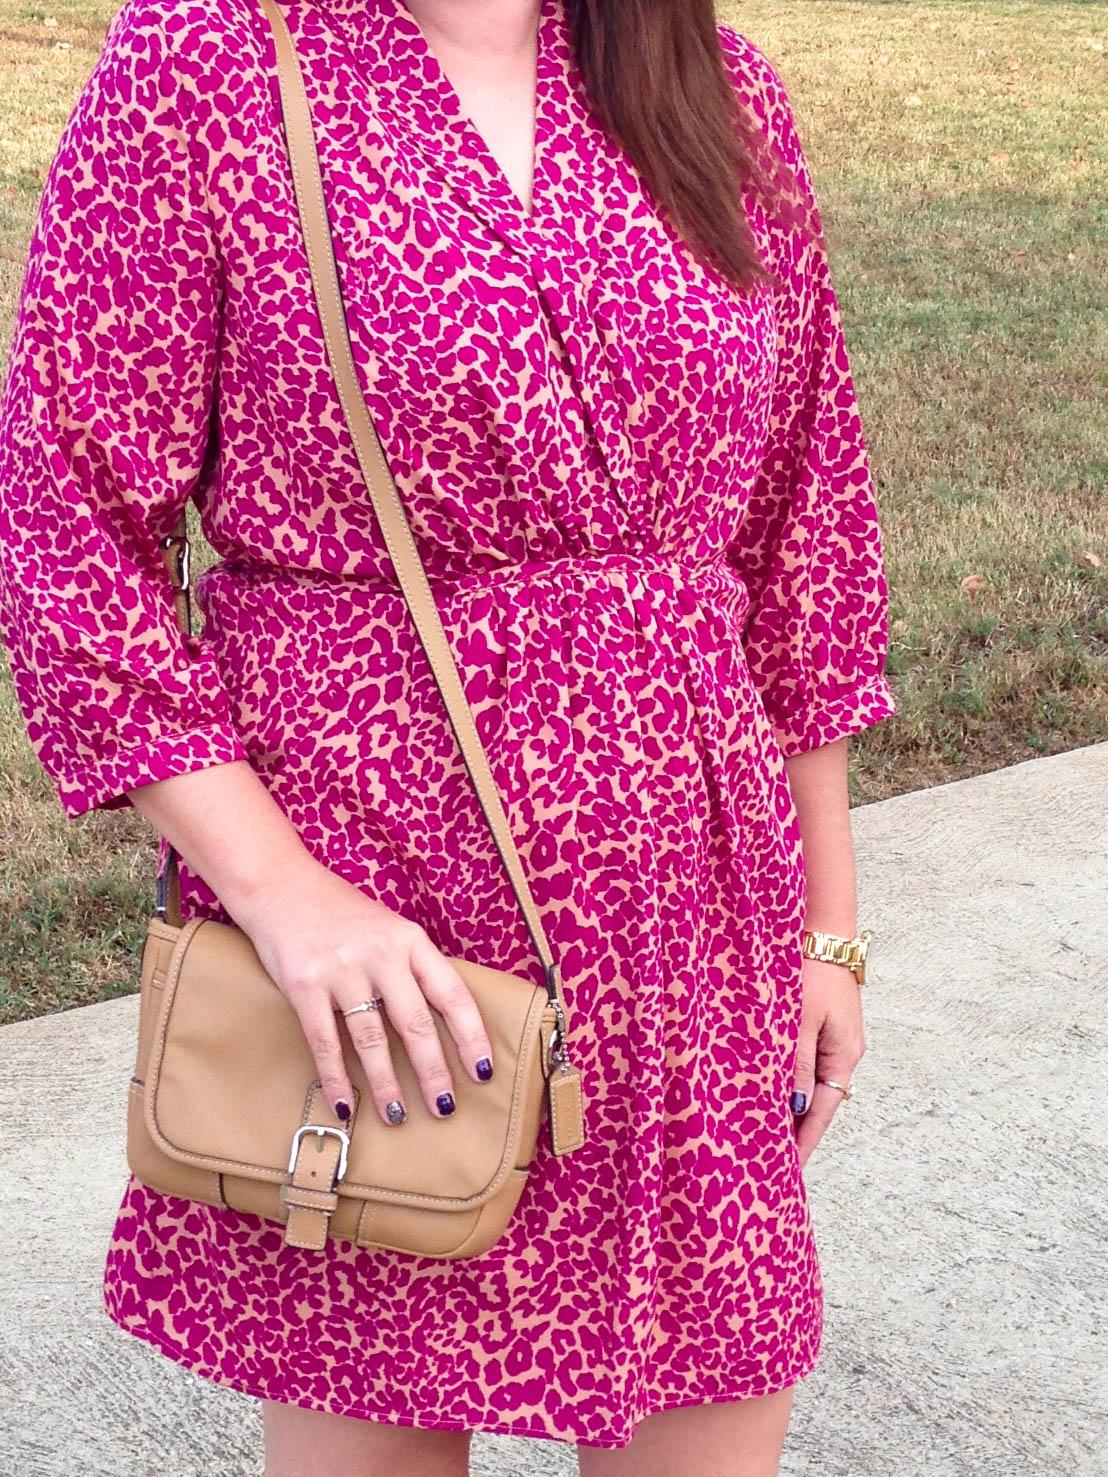 Pink Leopard.Torso